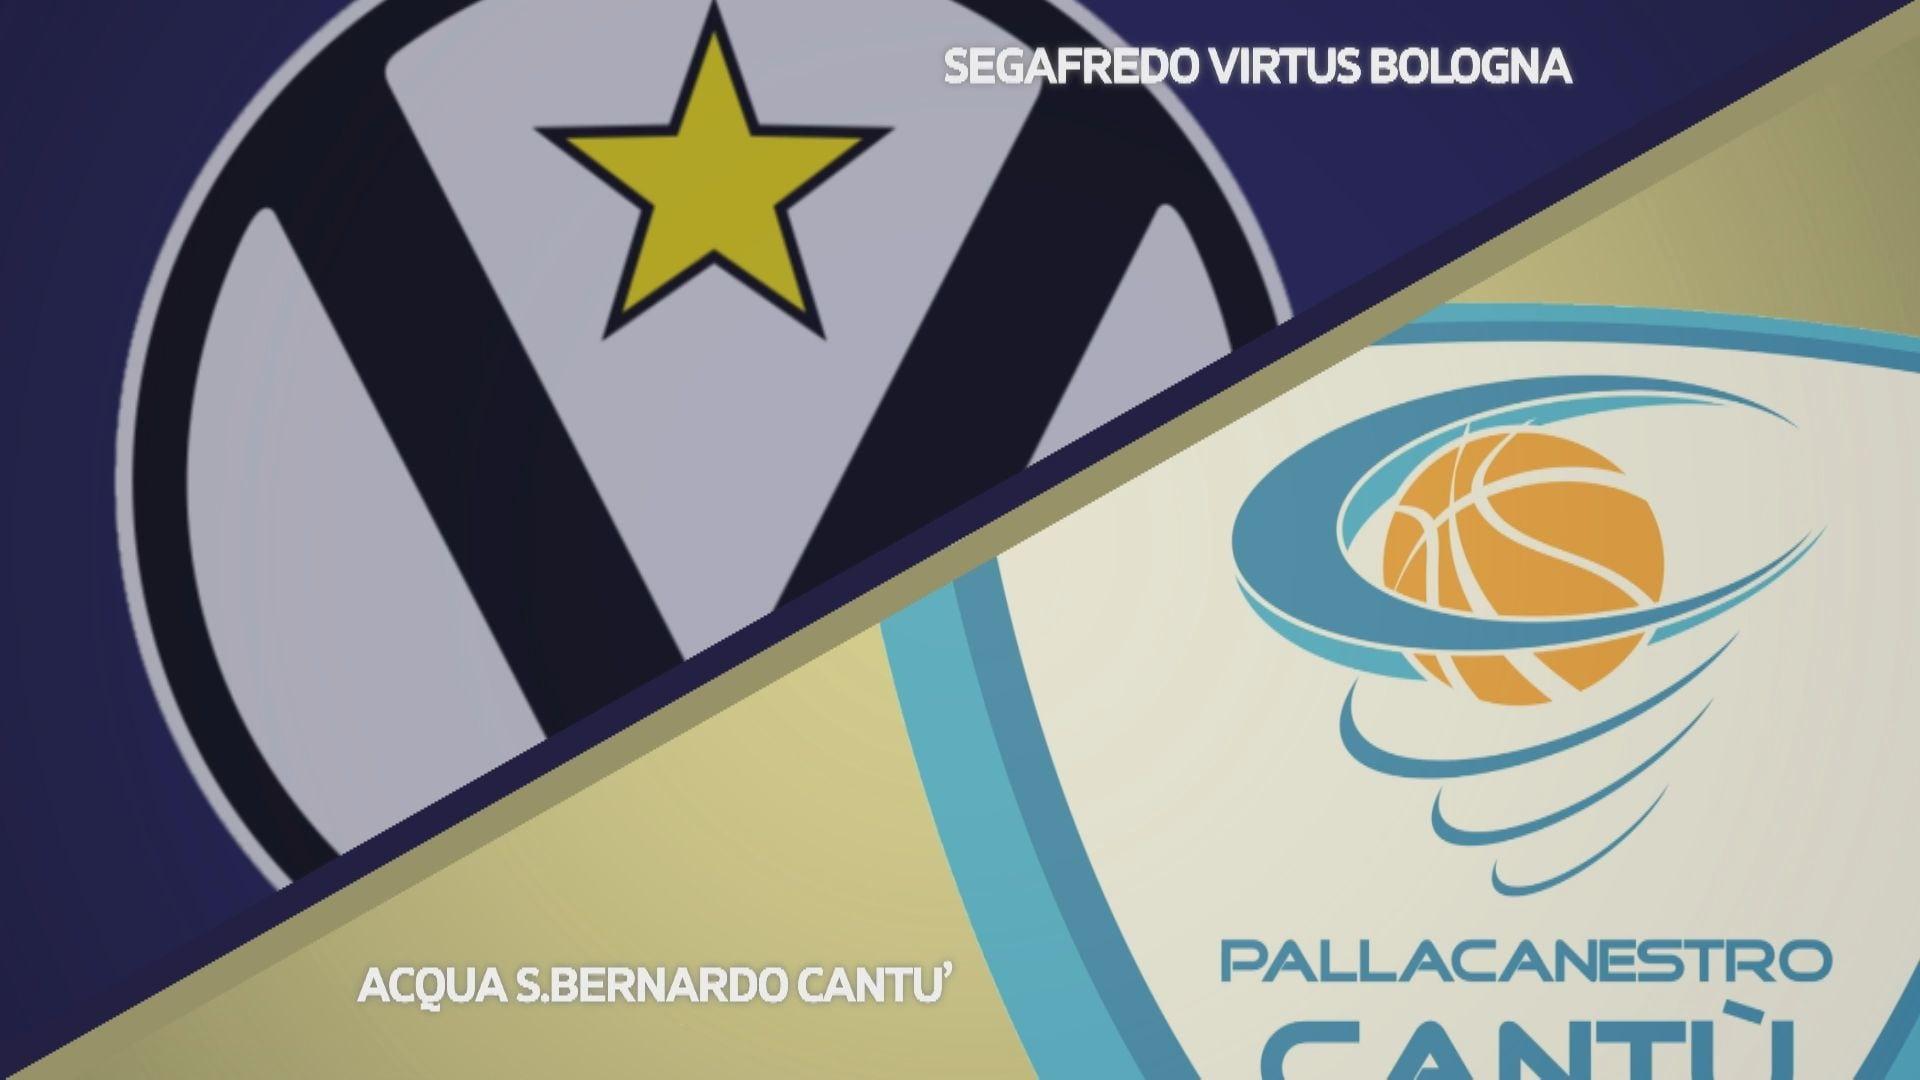 Segafredo Virtus Bologna - Acqua S.Bernardo Cantù 89-70